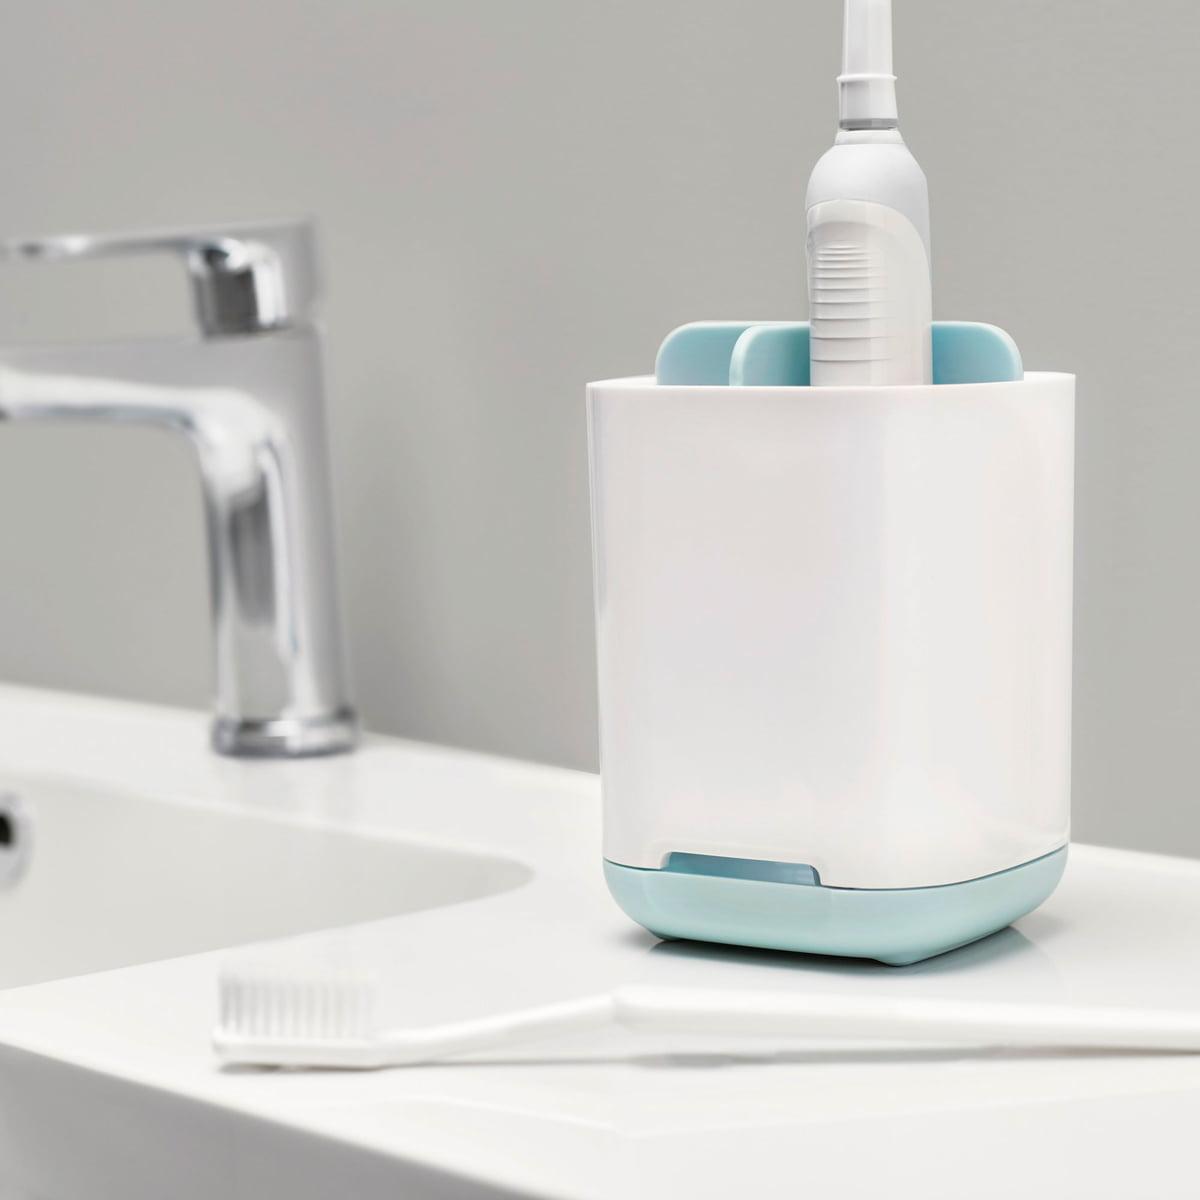 Easy-Store Toothbrush Holder by Joseph Joseph